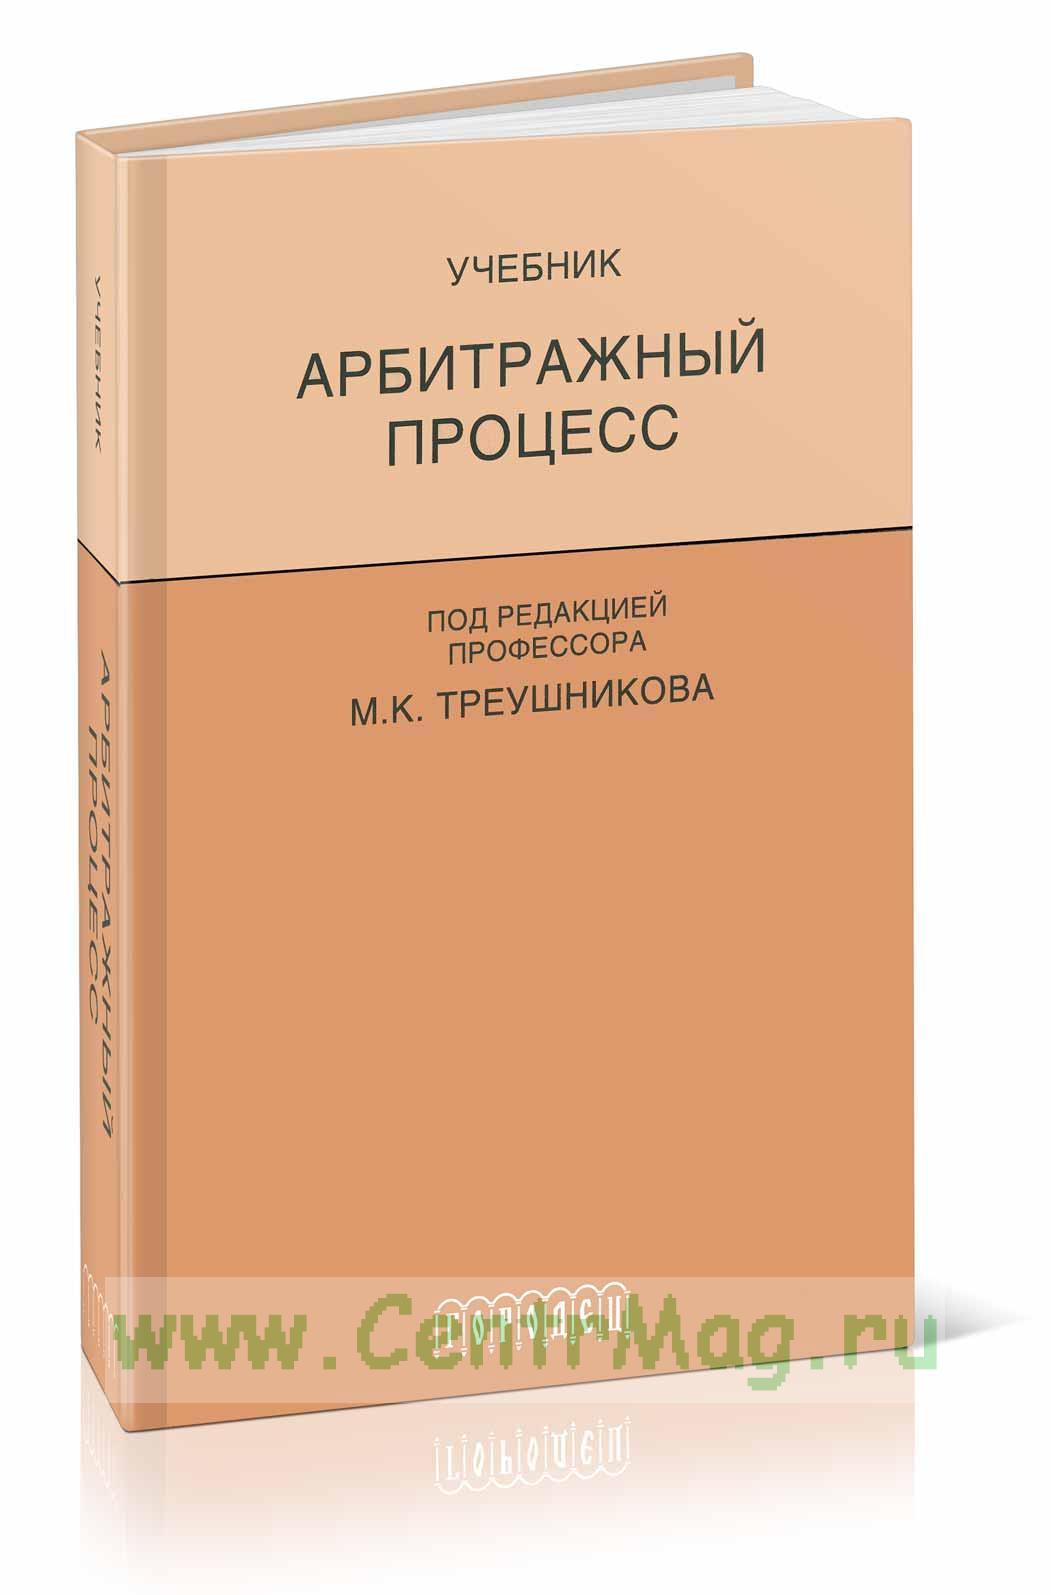 Арбитражный процесс: Учебник для студентов юридических вузов и факультетов (5-е издание, переработанное и дополненное)